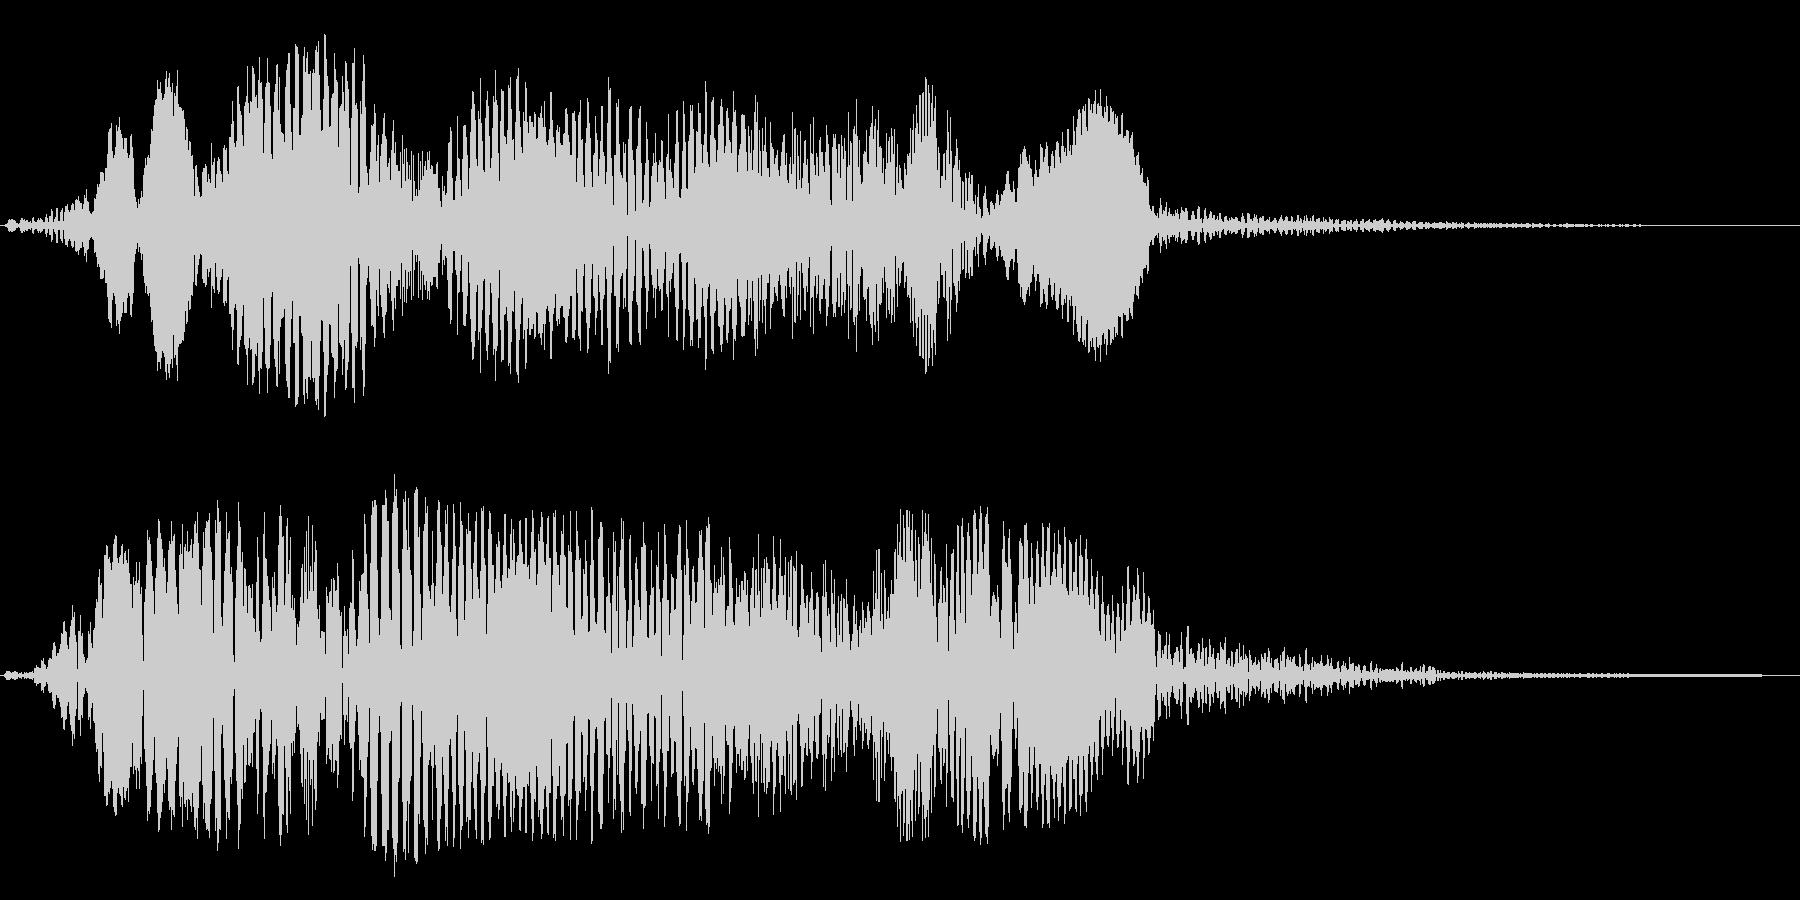 キーンとボーンが合わさった異次元の音の未再生の波形